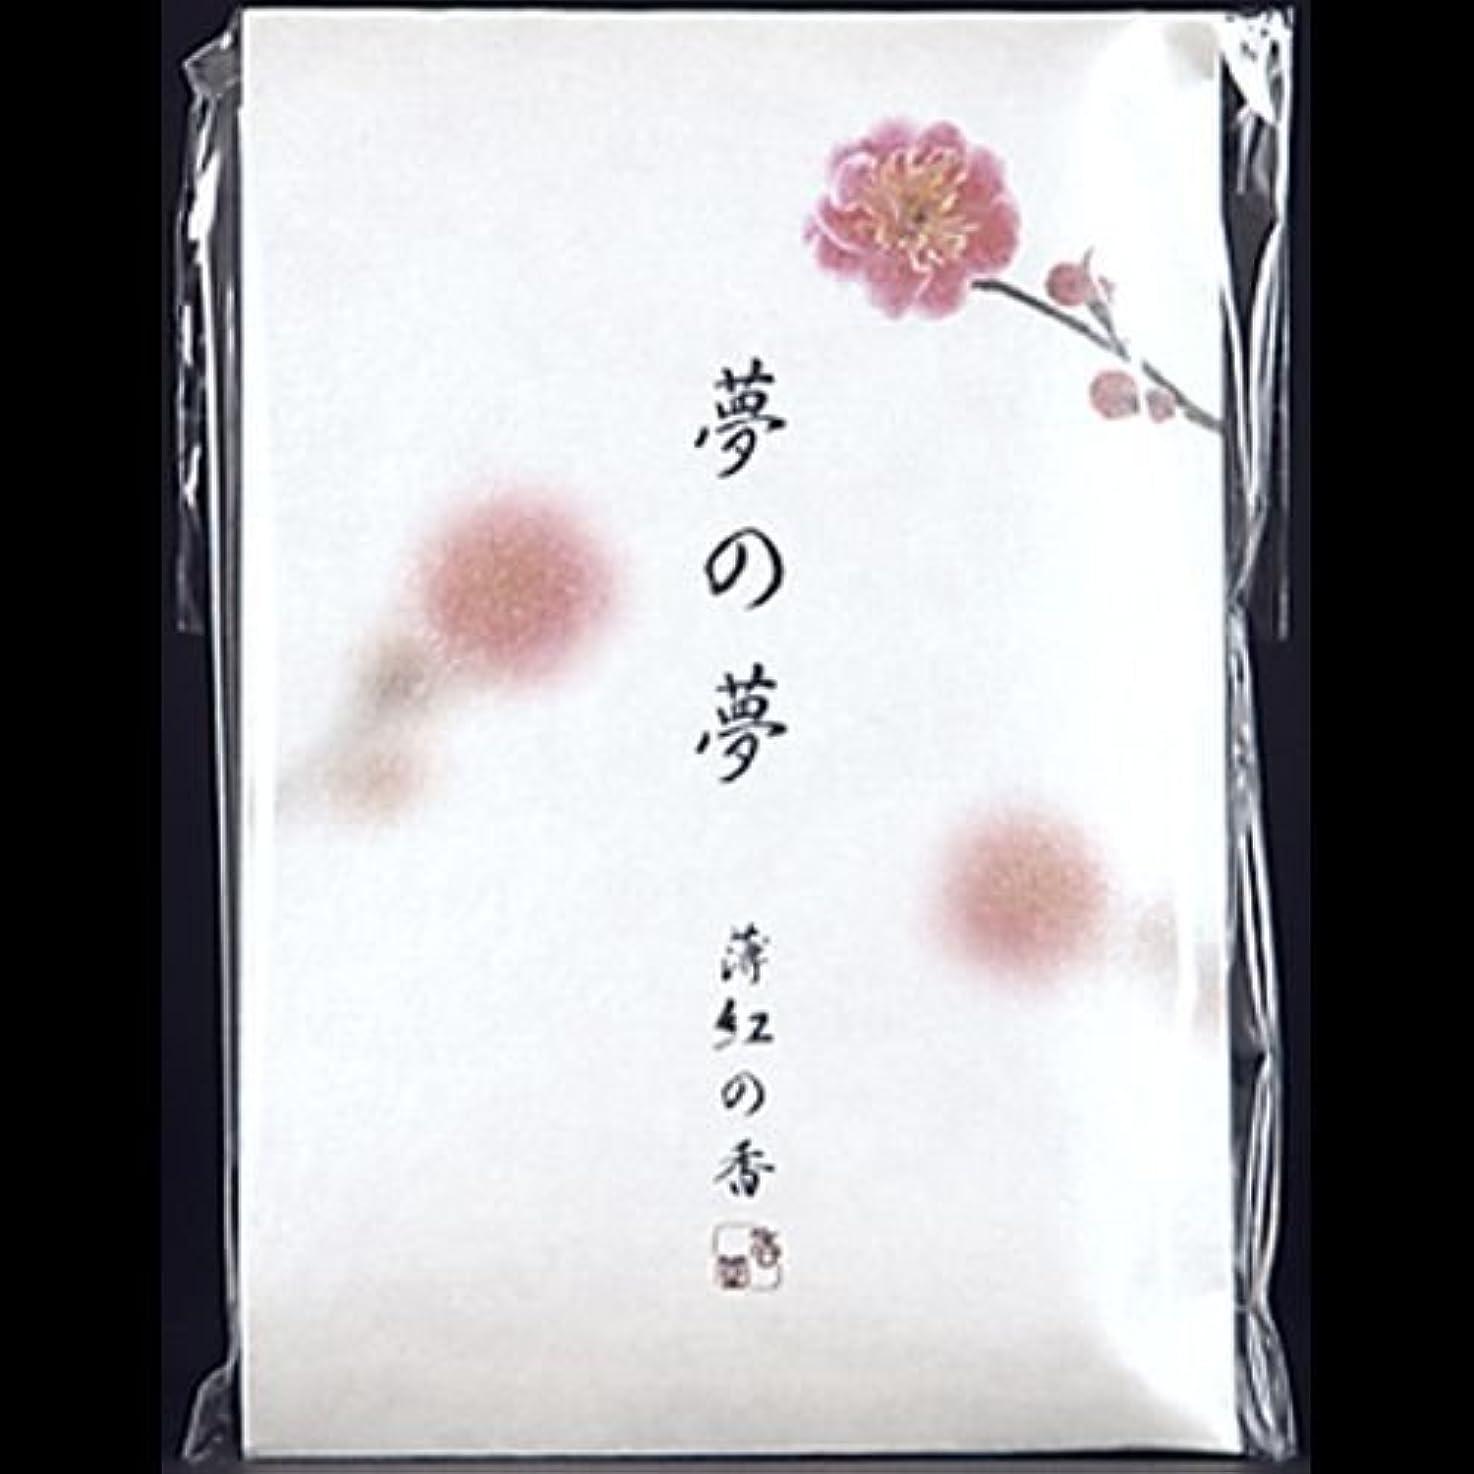 インシデント血まみれ化石【まとめ買い】夢の夢 薄紅の香 (梅) スティック12本入 ×2セット